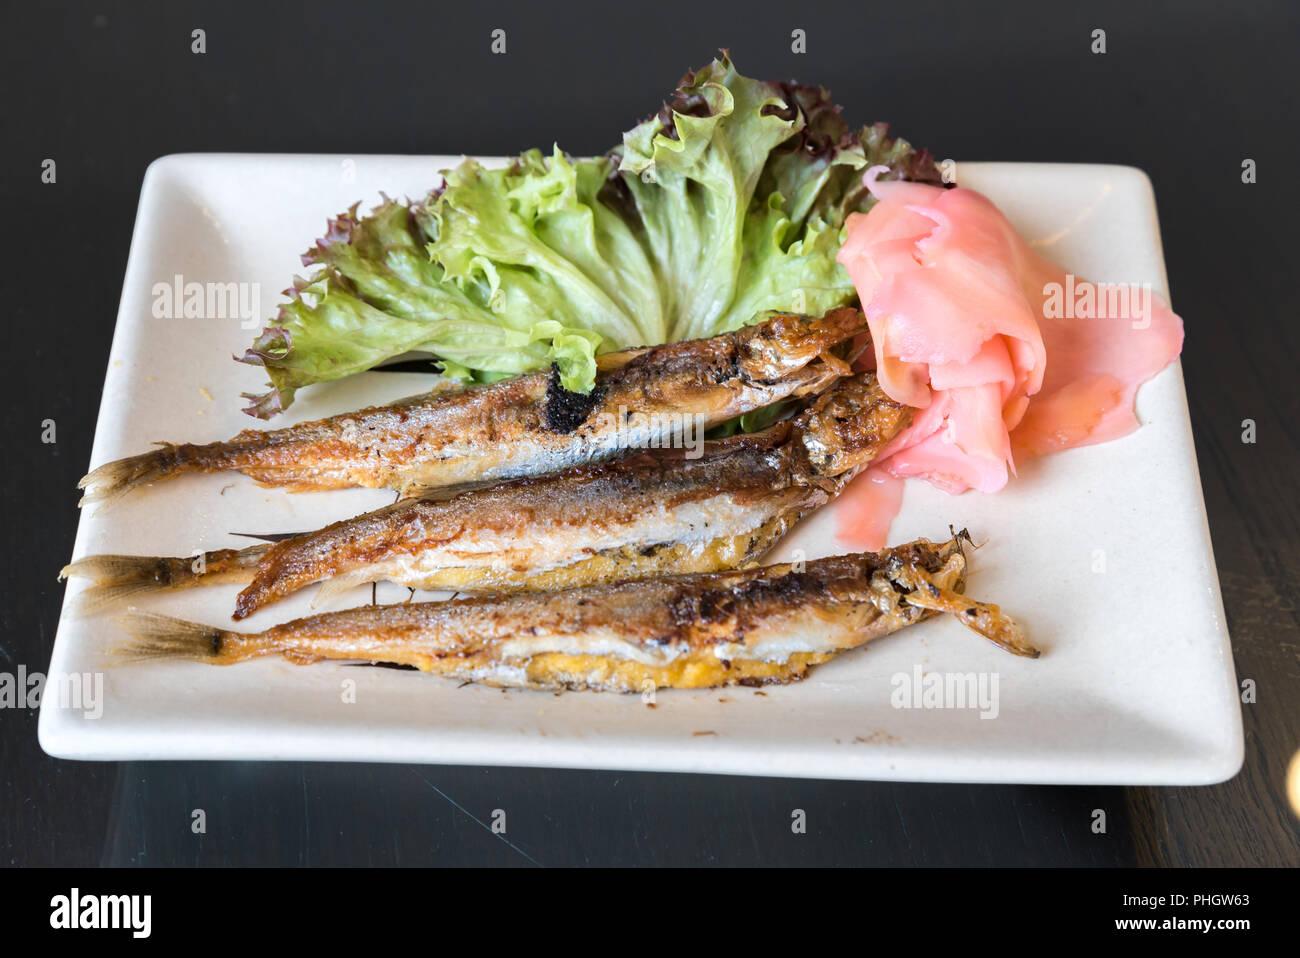 grilled shishamo - Stock Image